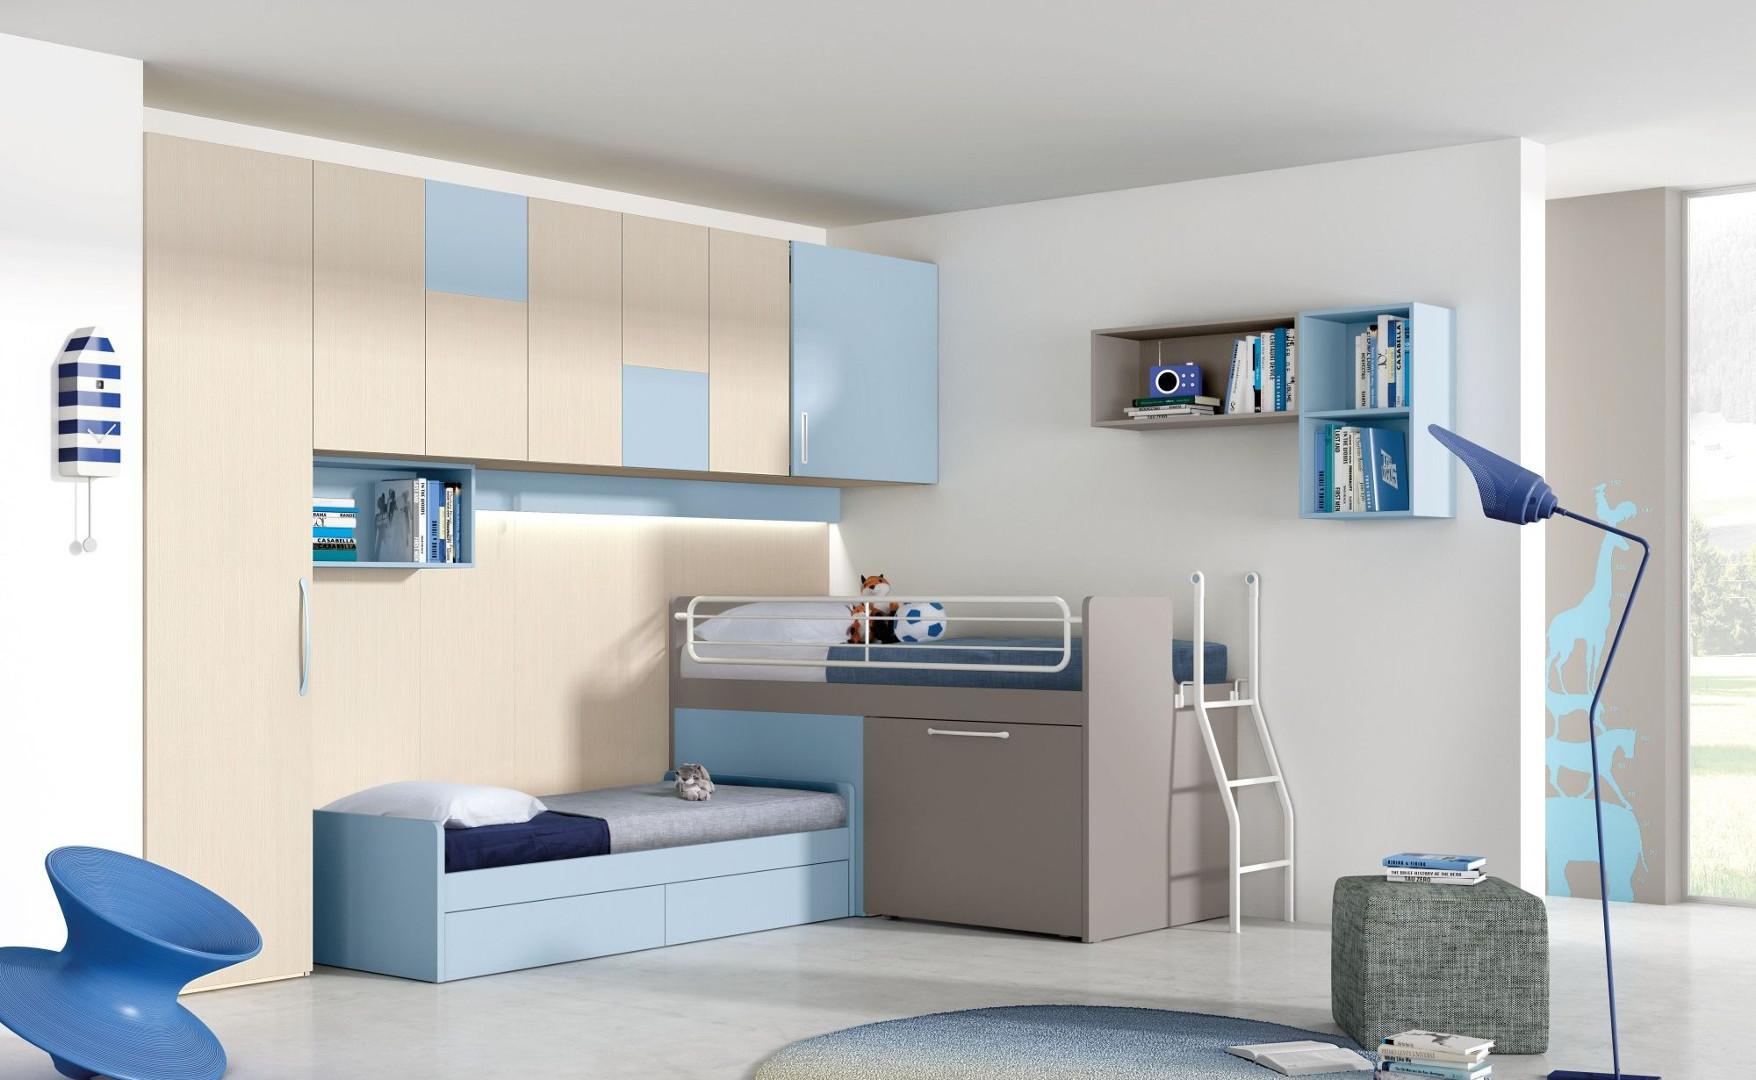 تصميم غرف نوم ثلاث بنات بسيطة | المرسال